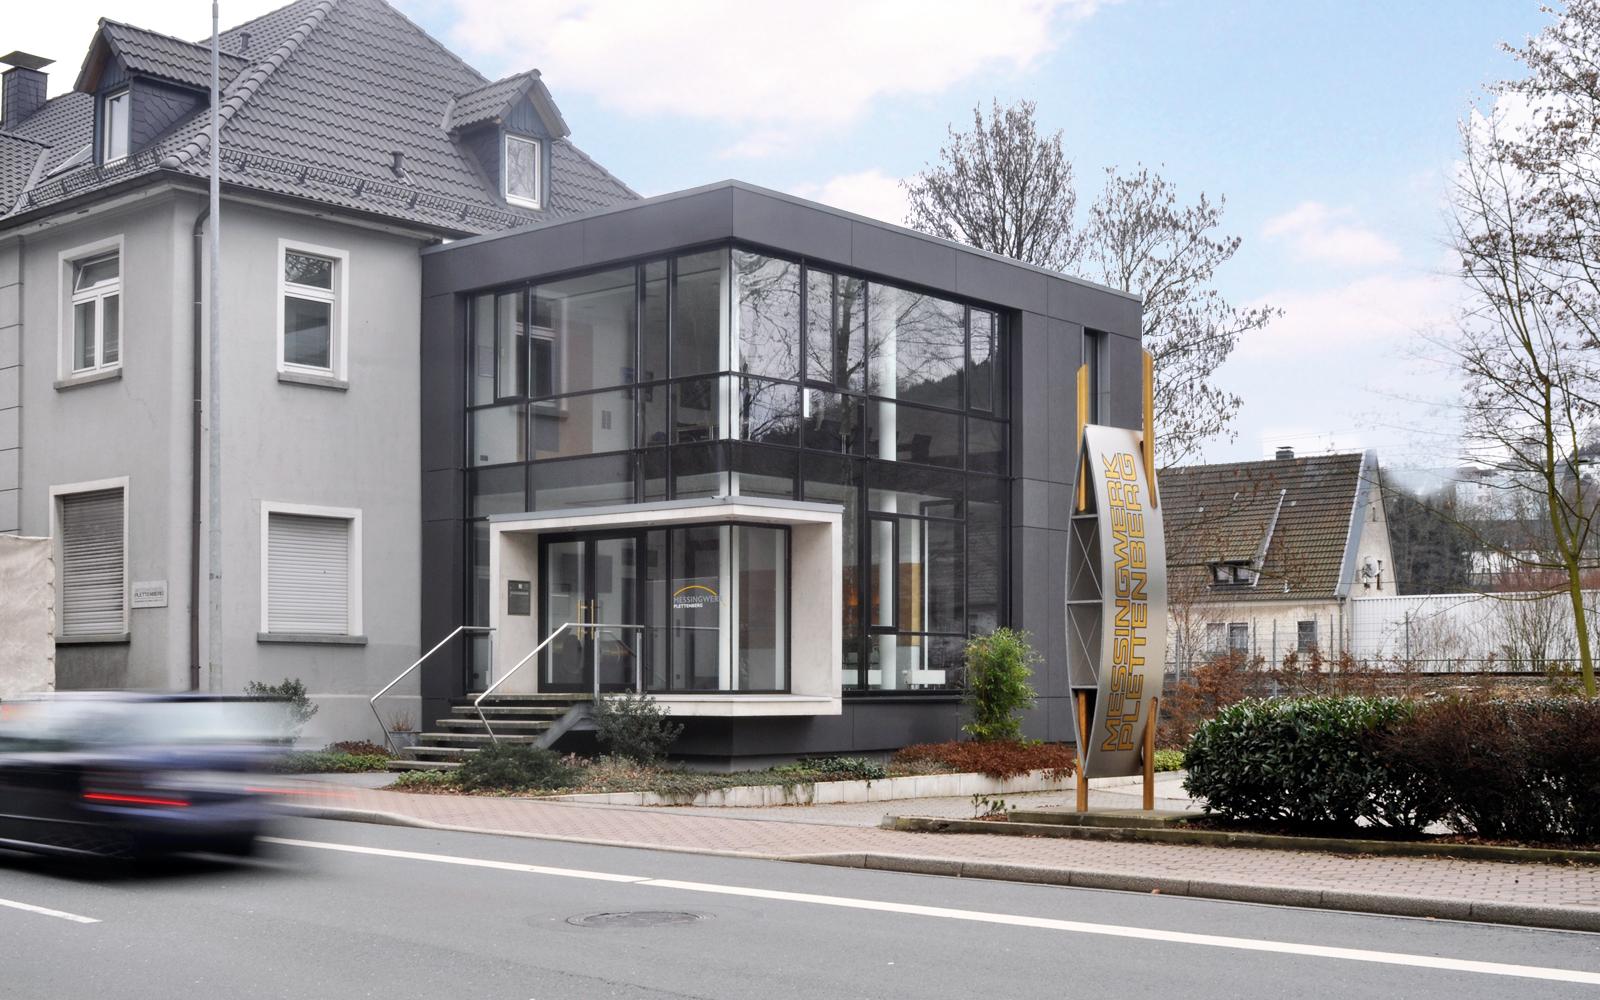 Messingwerk_SteinwegClausArchitekten_Buerogebäude_Anbau_Eckverglasung_Plettenberg_00007